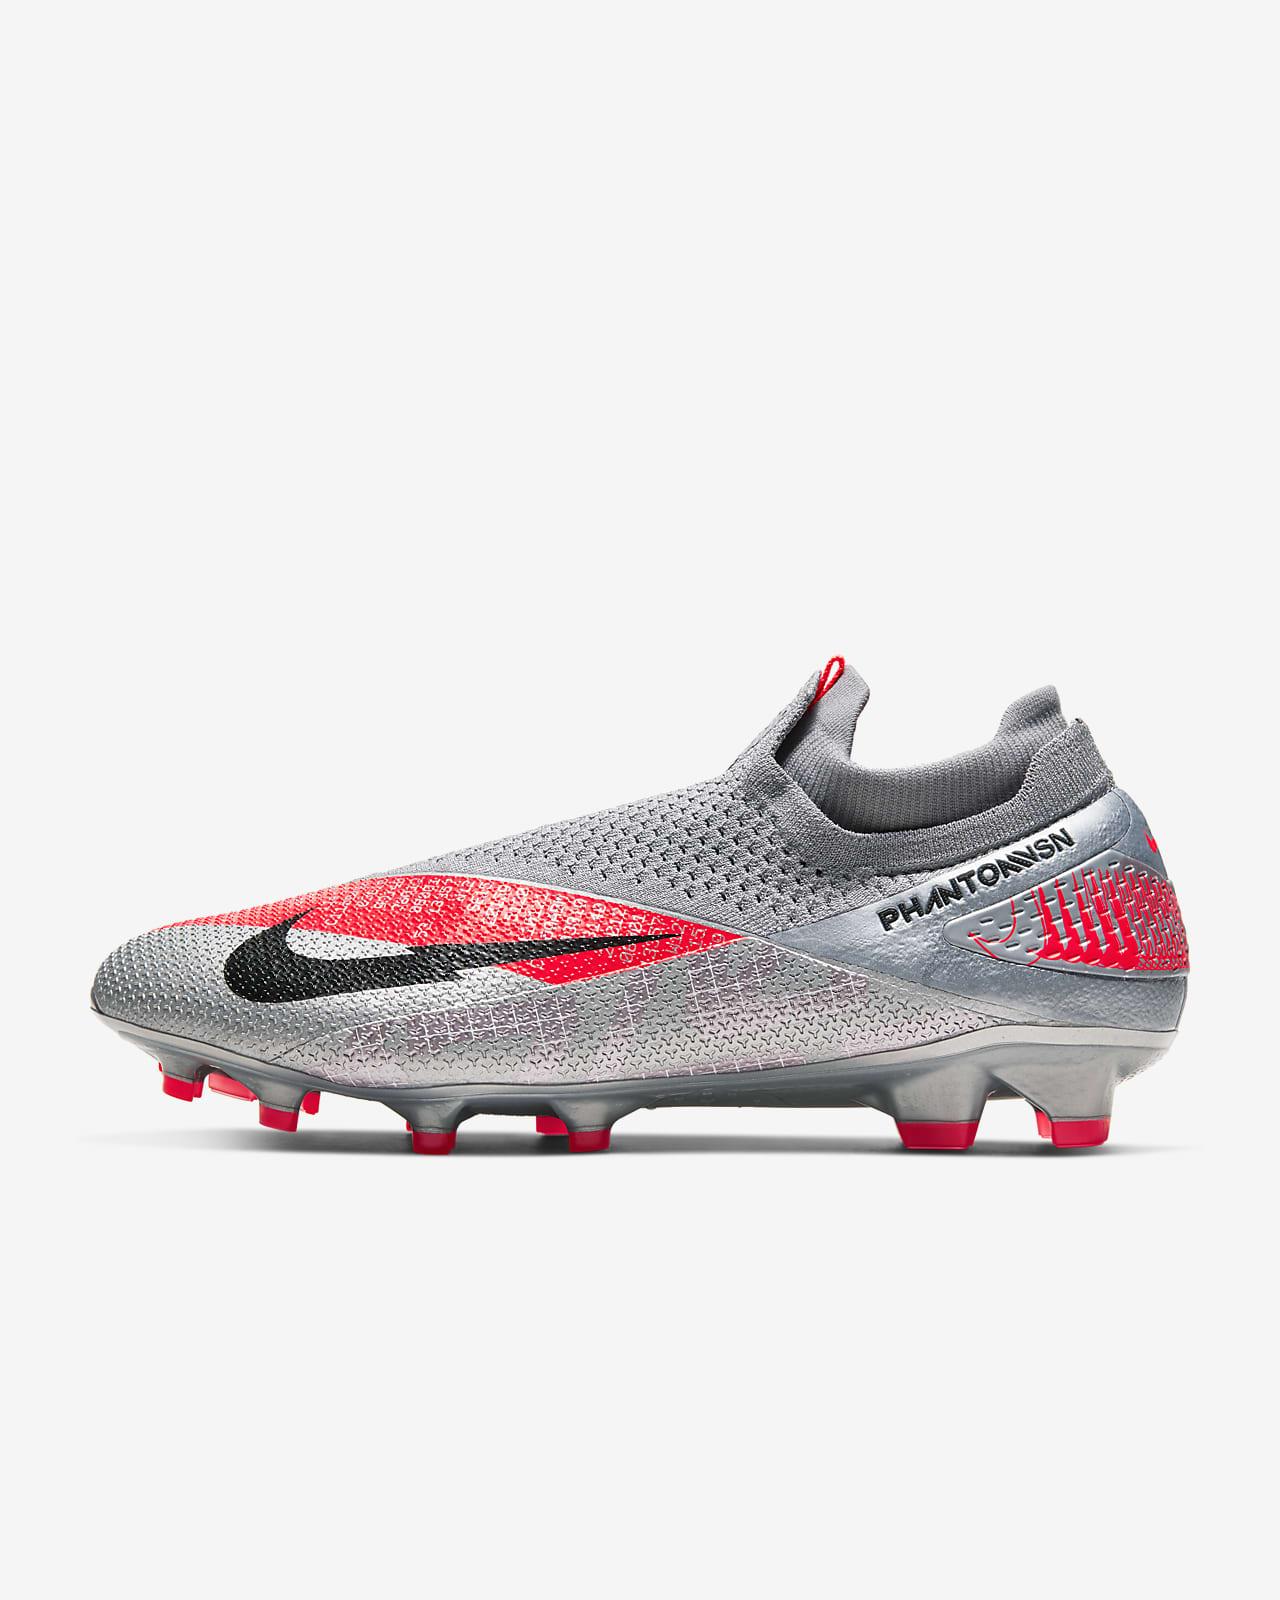 resumen colateral presentar  Calzado de fútbol para terreno firme Nike Phantom Vision 2 Elite Dynamic  Fit FG. Nike.com